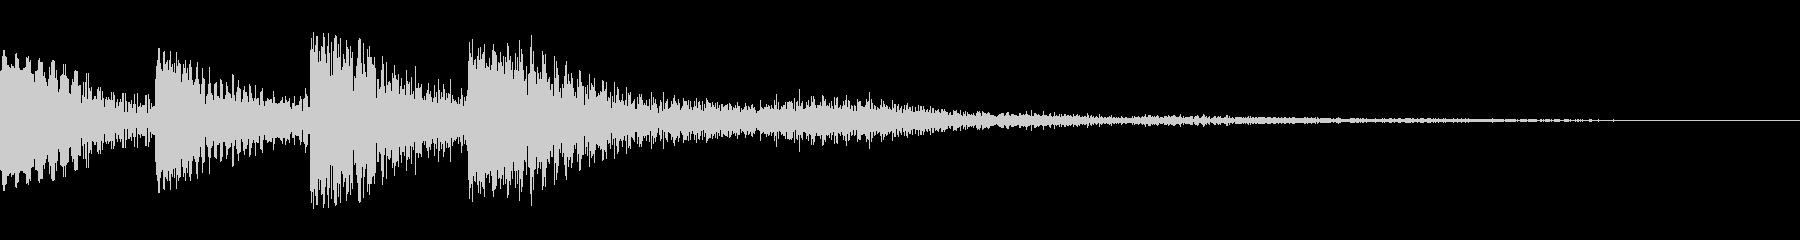 ジュワーン(クリック_選択開始_02)の未再生の波形